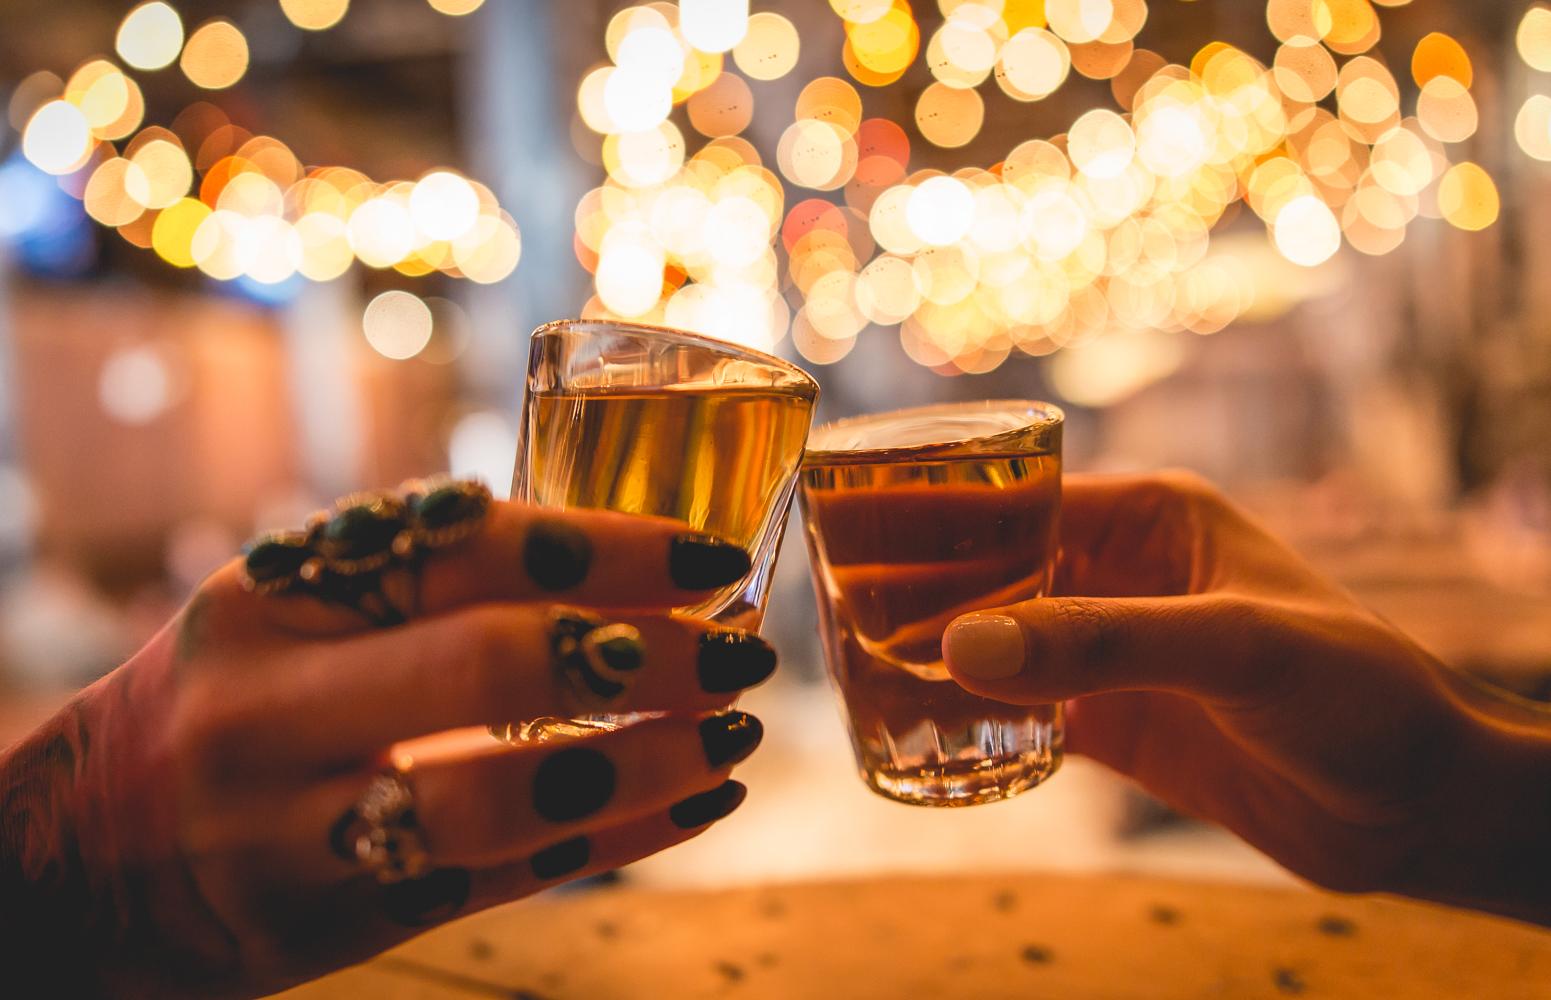 Shots Cheers – GSSM-2667